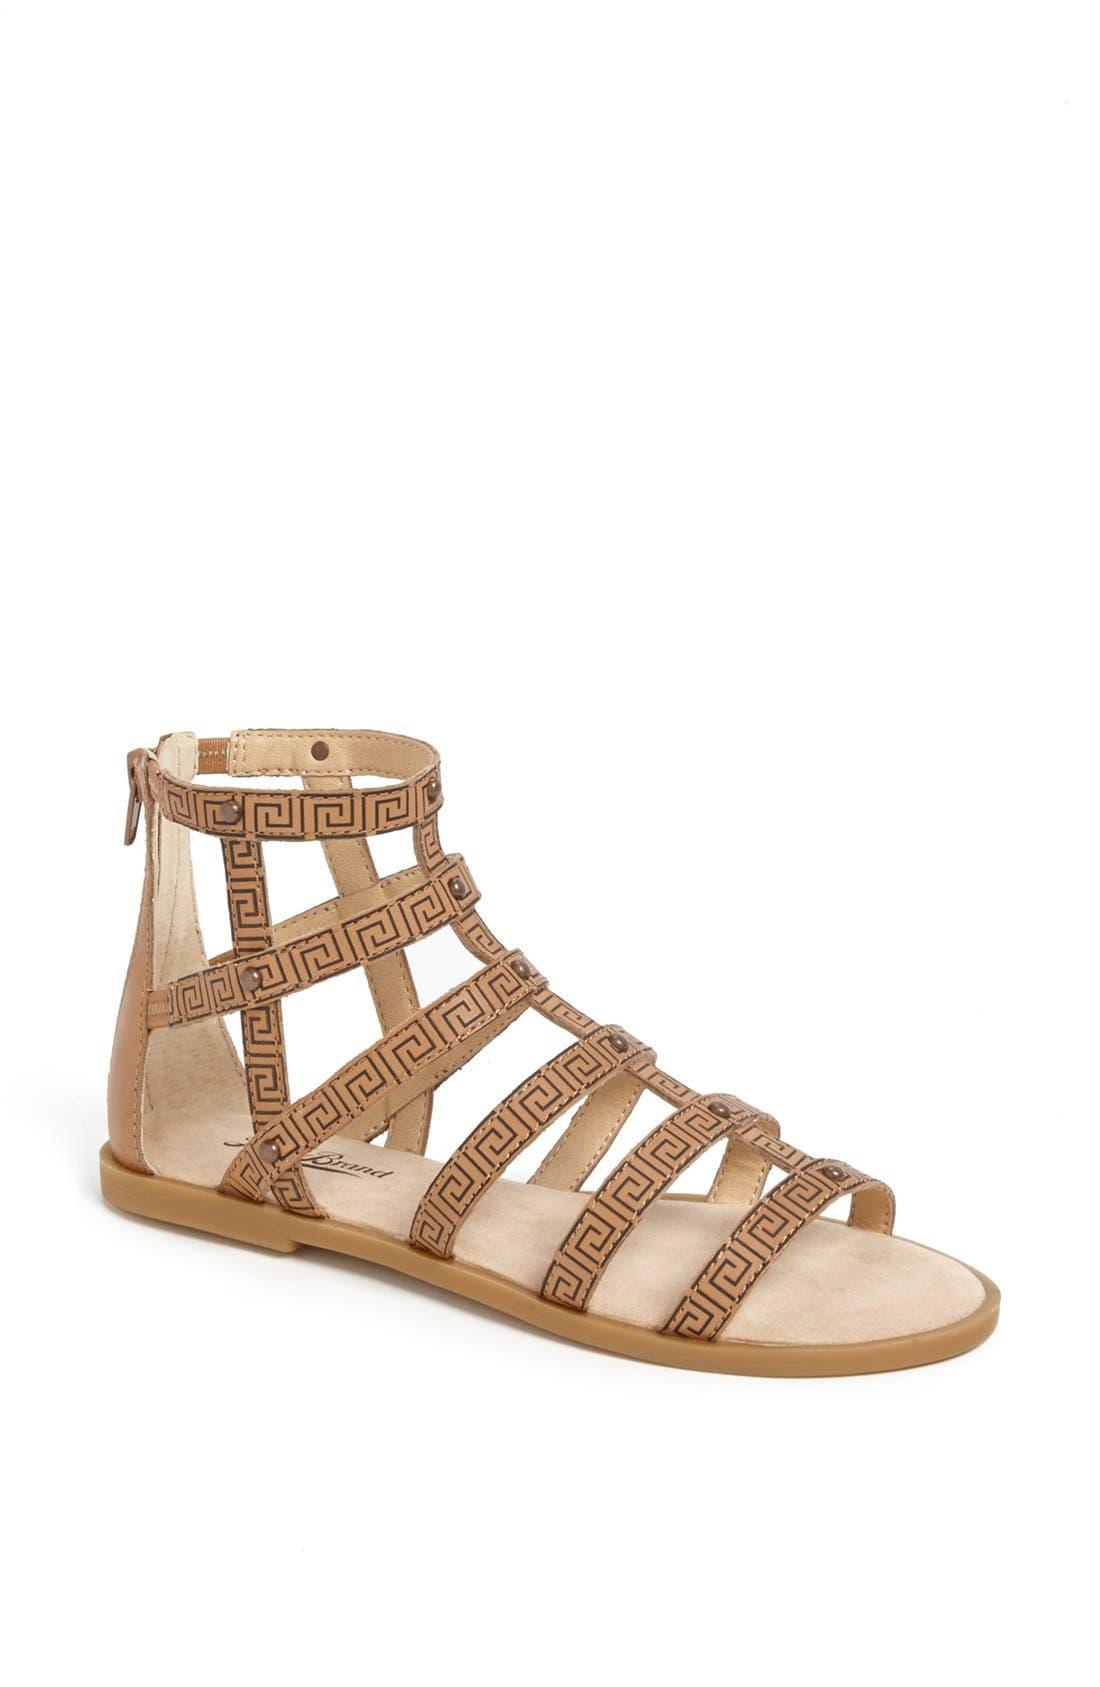 Alternate Image 1 Selected - Lucky Brand 'Beverlee' Sandal